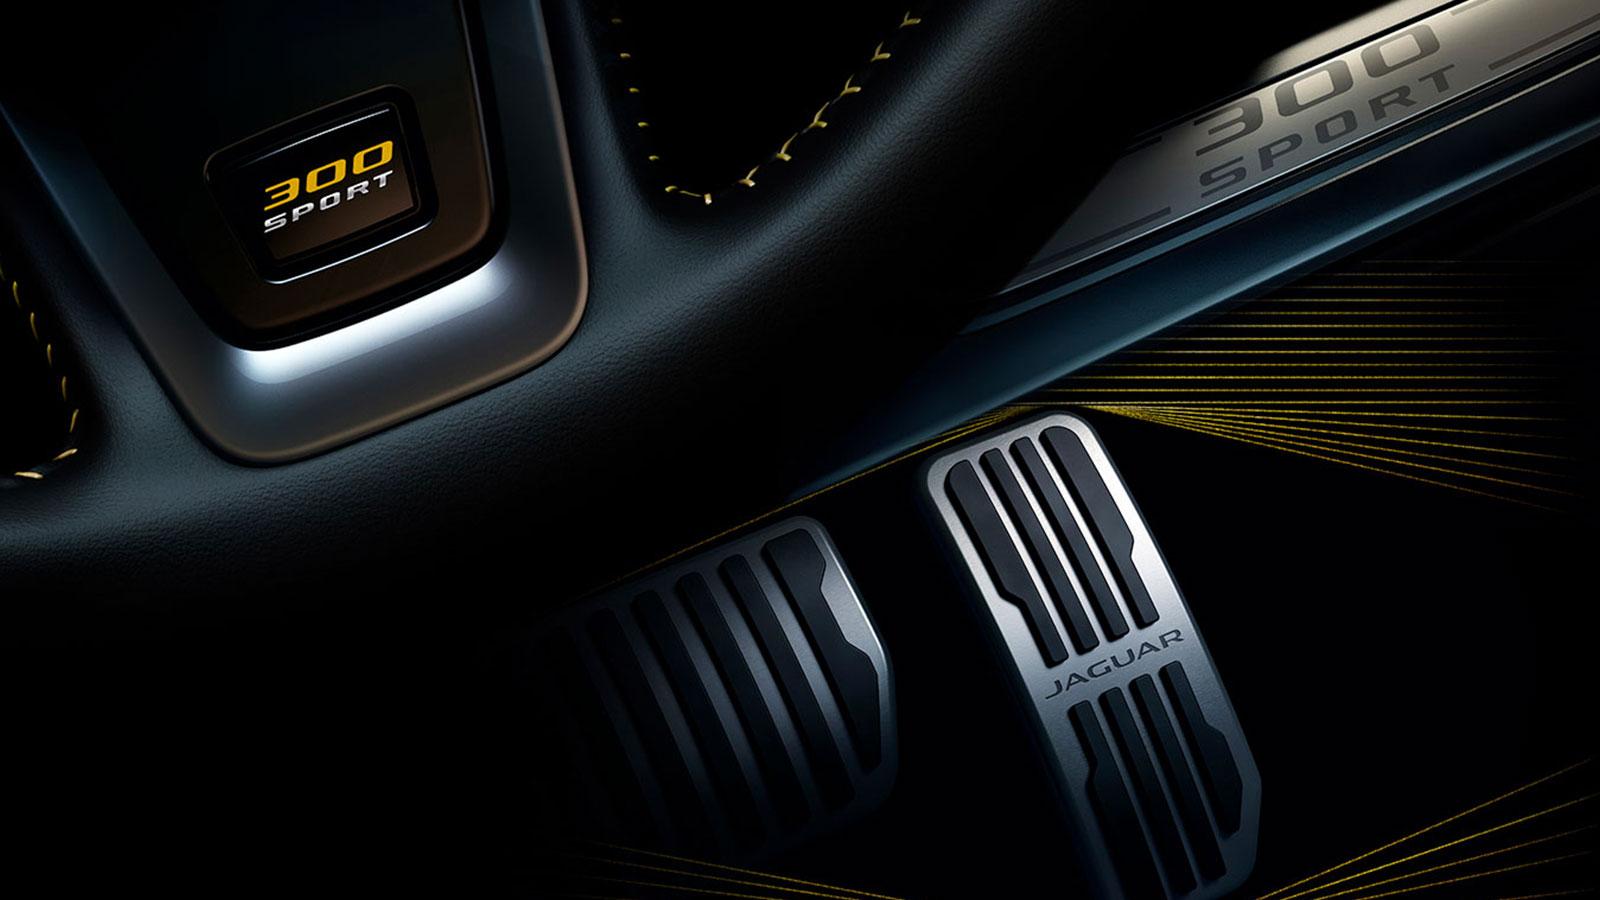 Jaguar XE 2.0d R-Dynamic HSE image 20